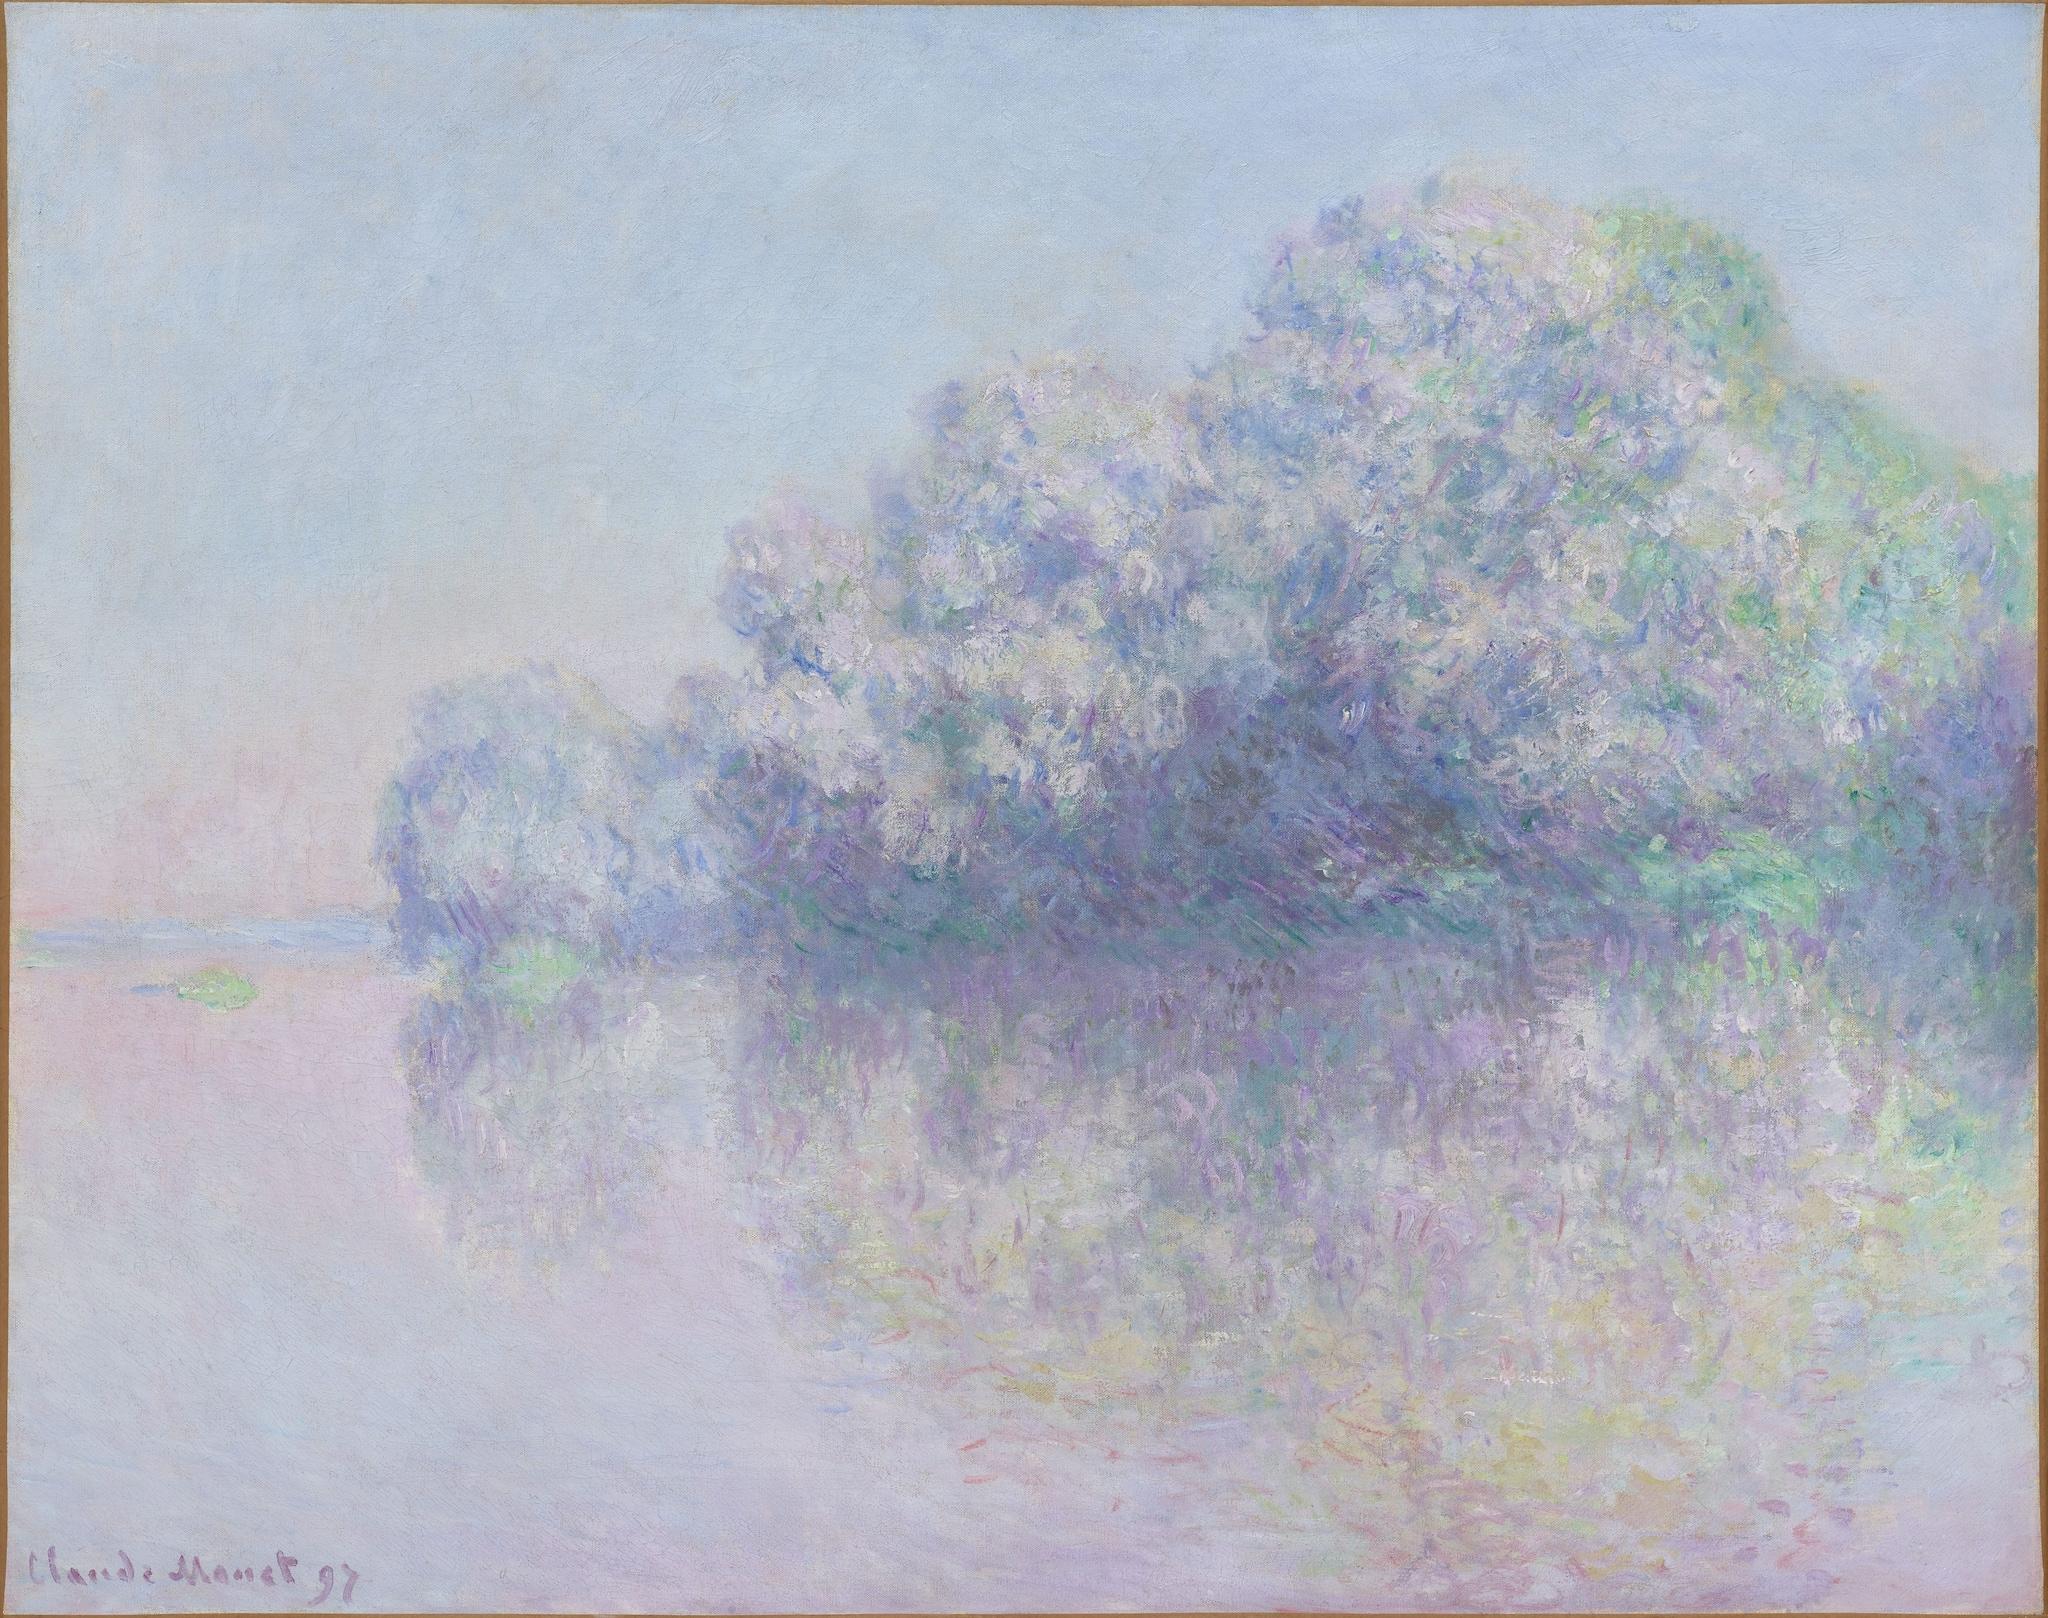 Claude Monet, L'ile aux Orties, 1897